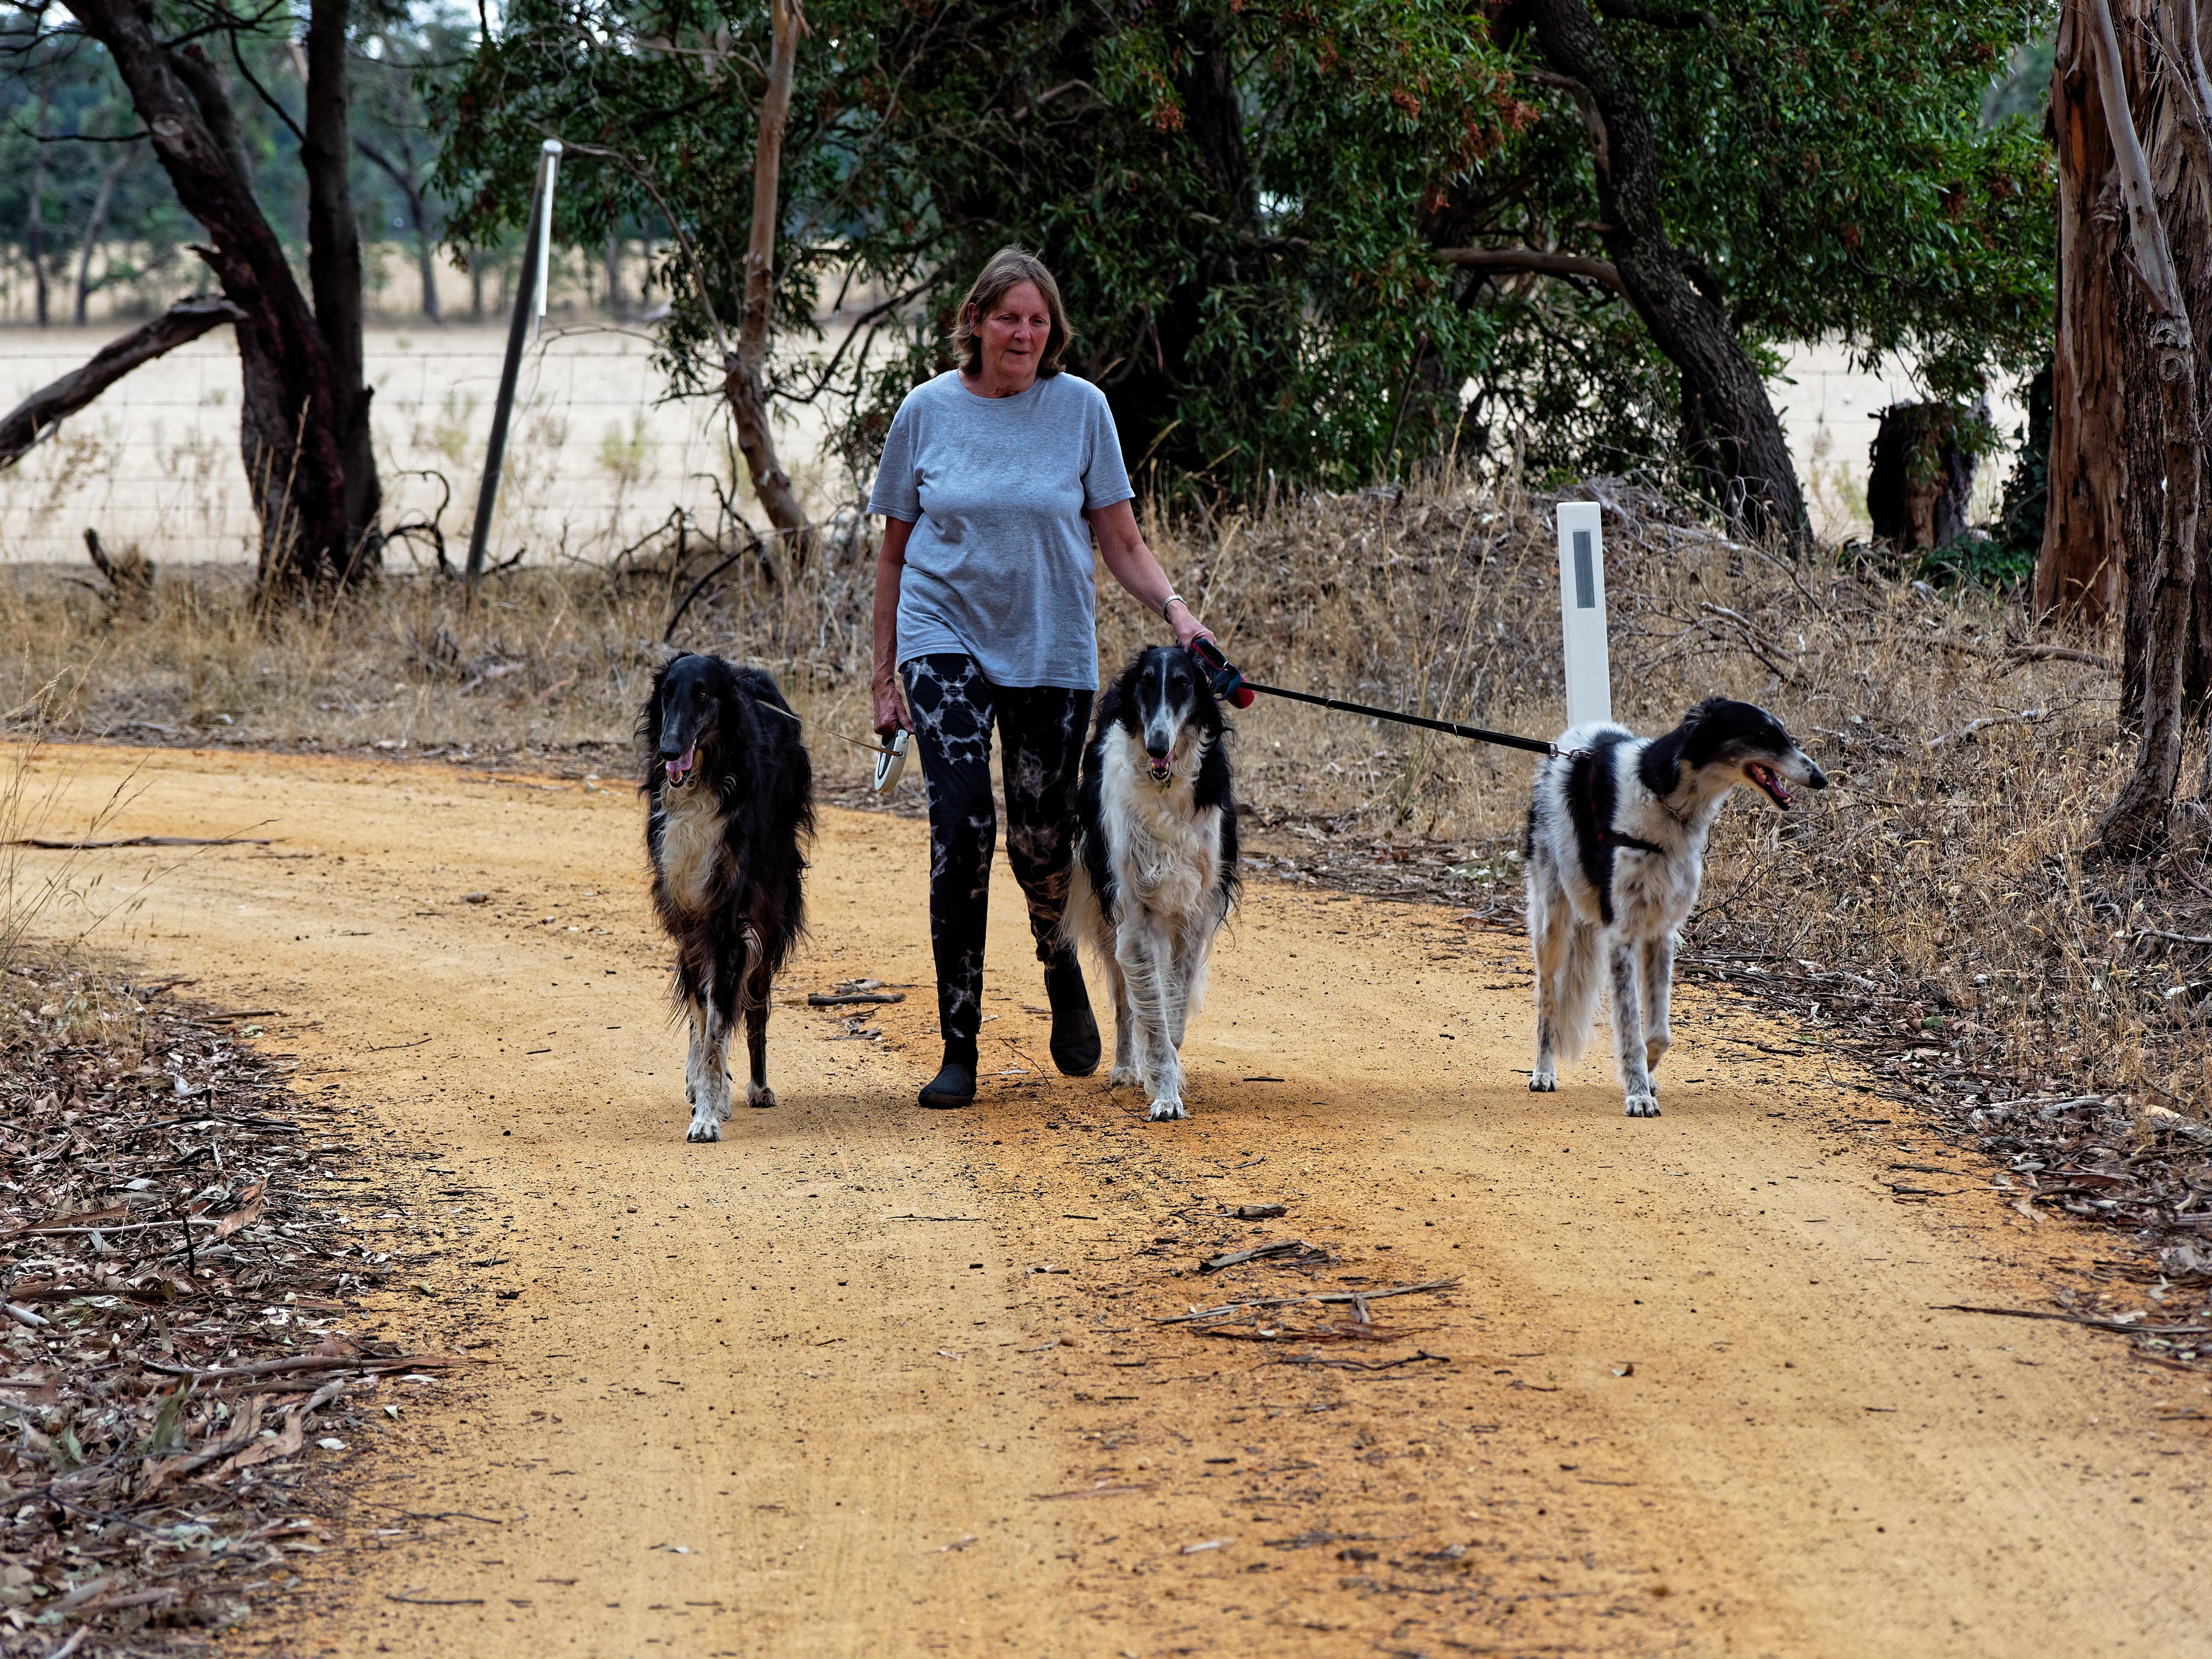 Walking-dogs-34.jpeg